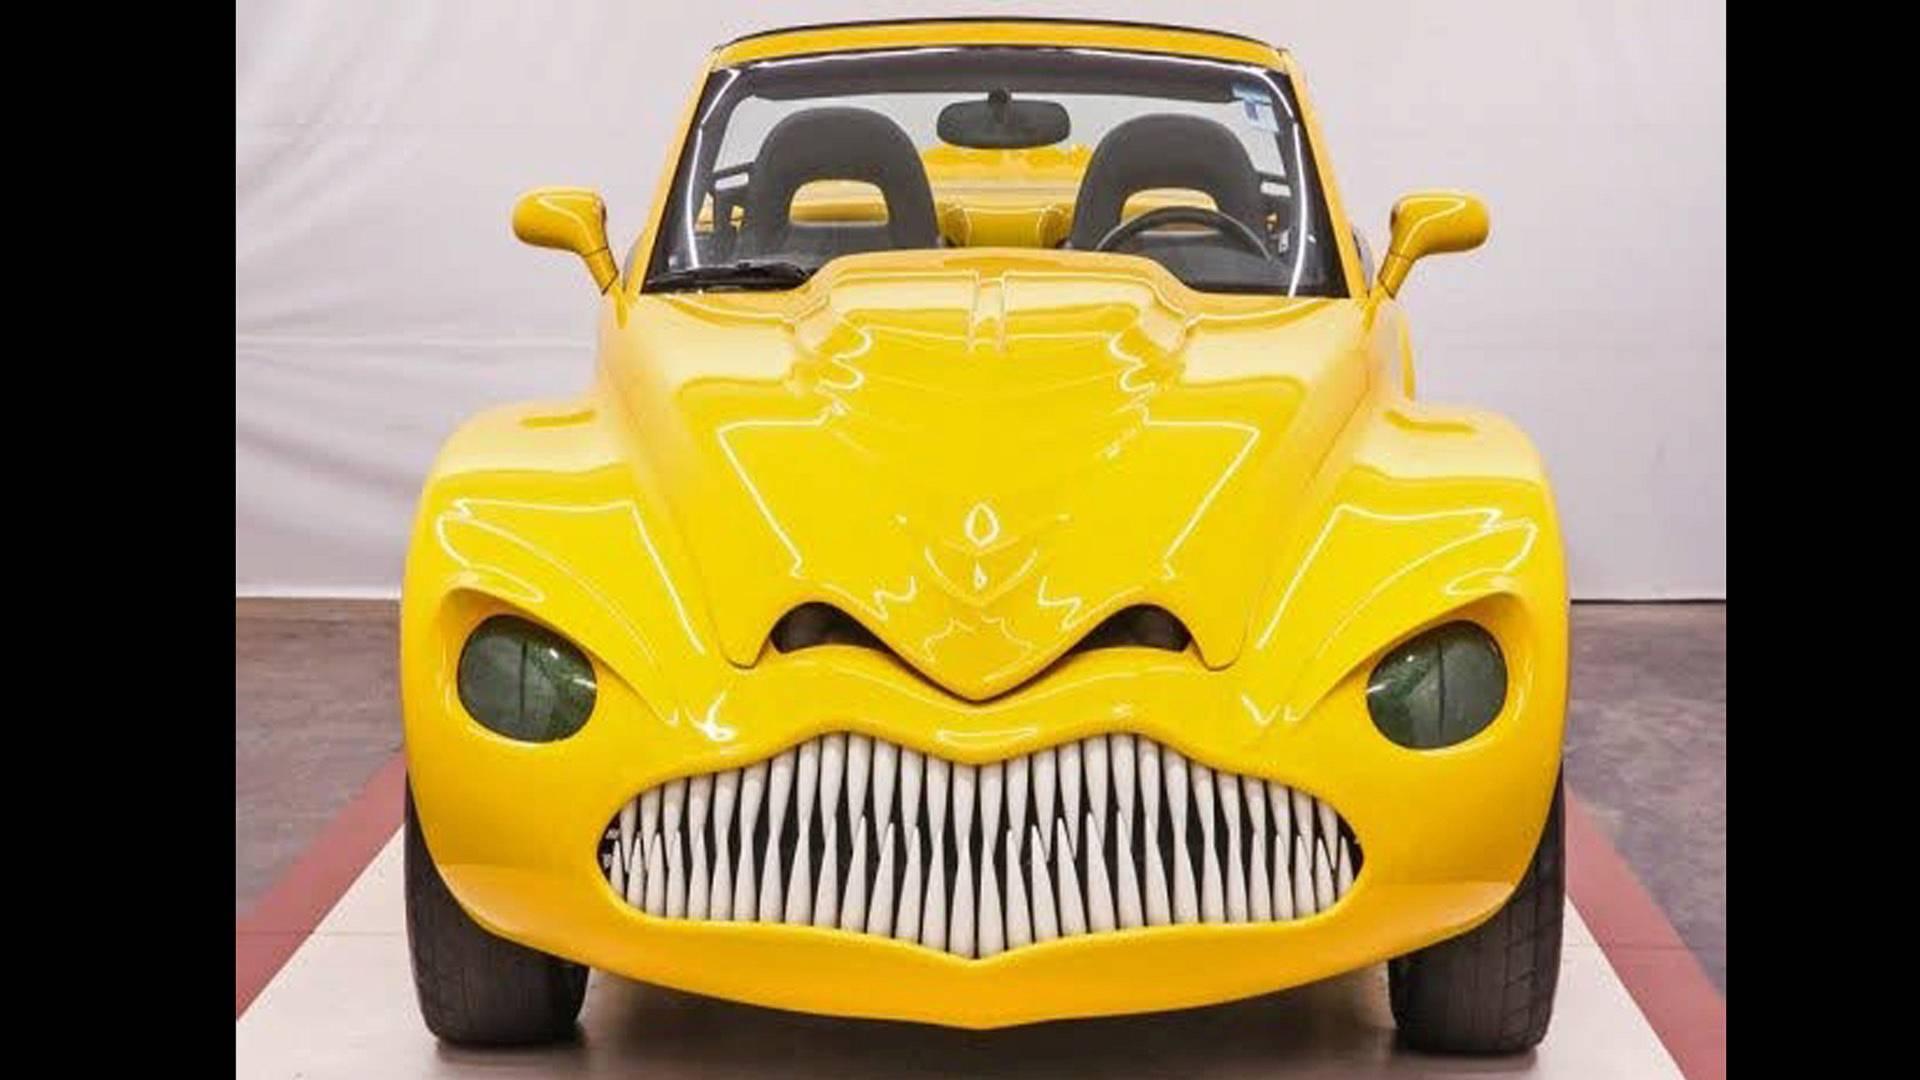 На передней части авто расположены сверкающие зубы